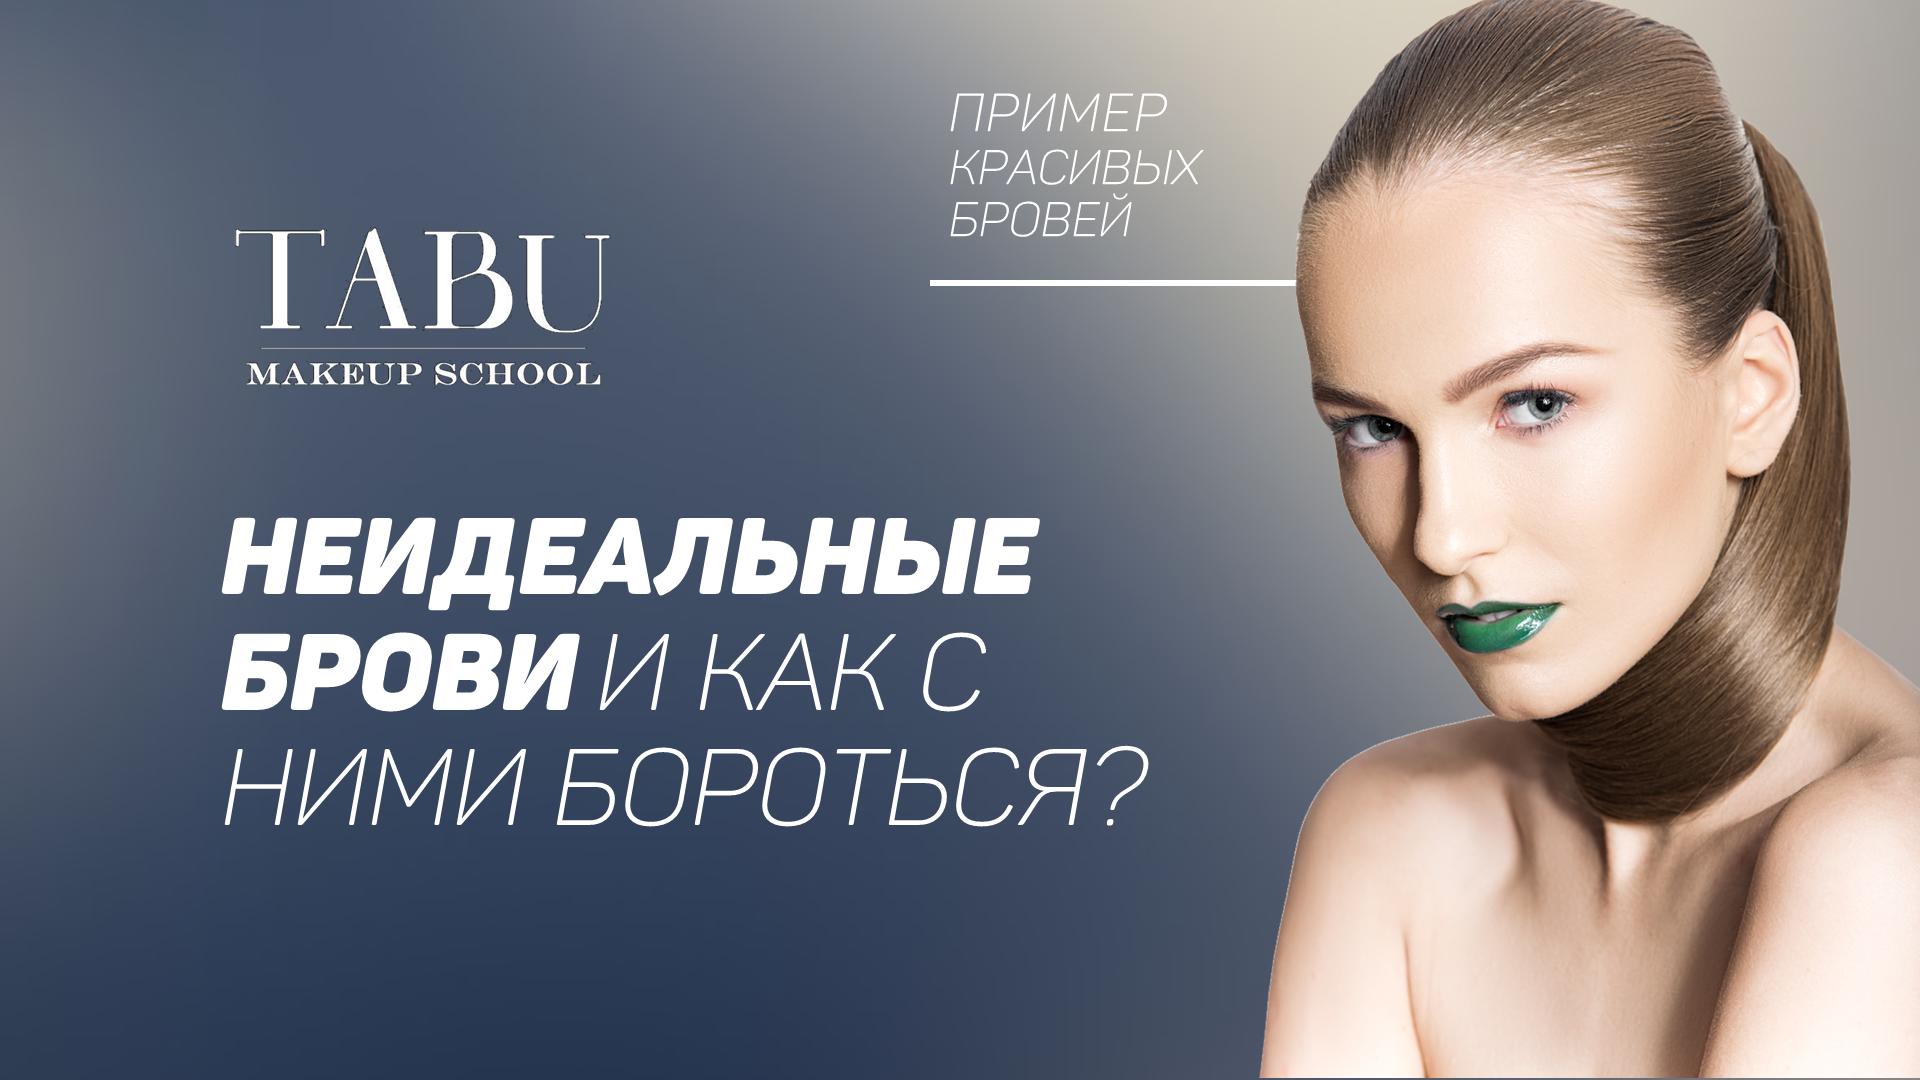 Презентация TABU Makeup School